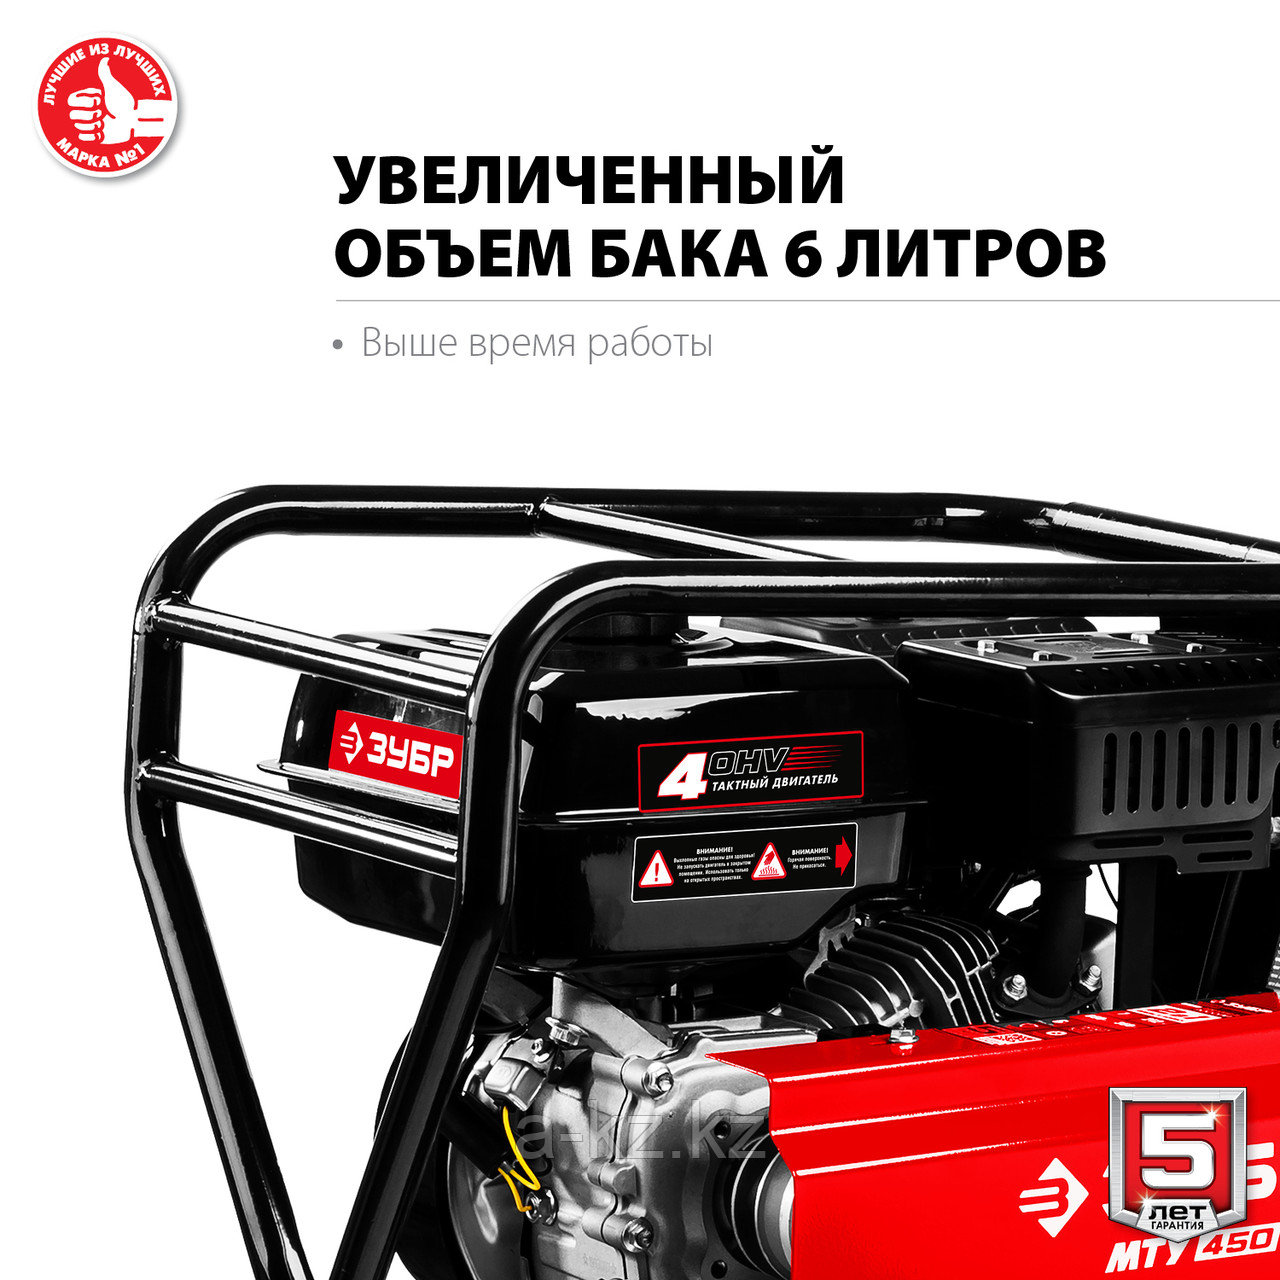 ЗУБР МТУ-450 мотоблок бензиновый усиленный, 212 см3 - фото 3